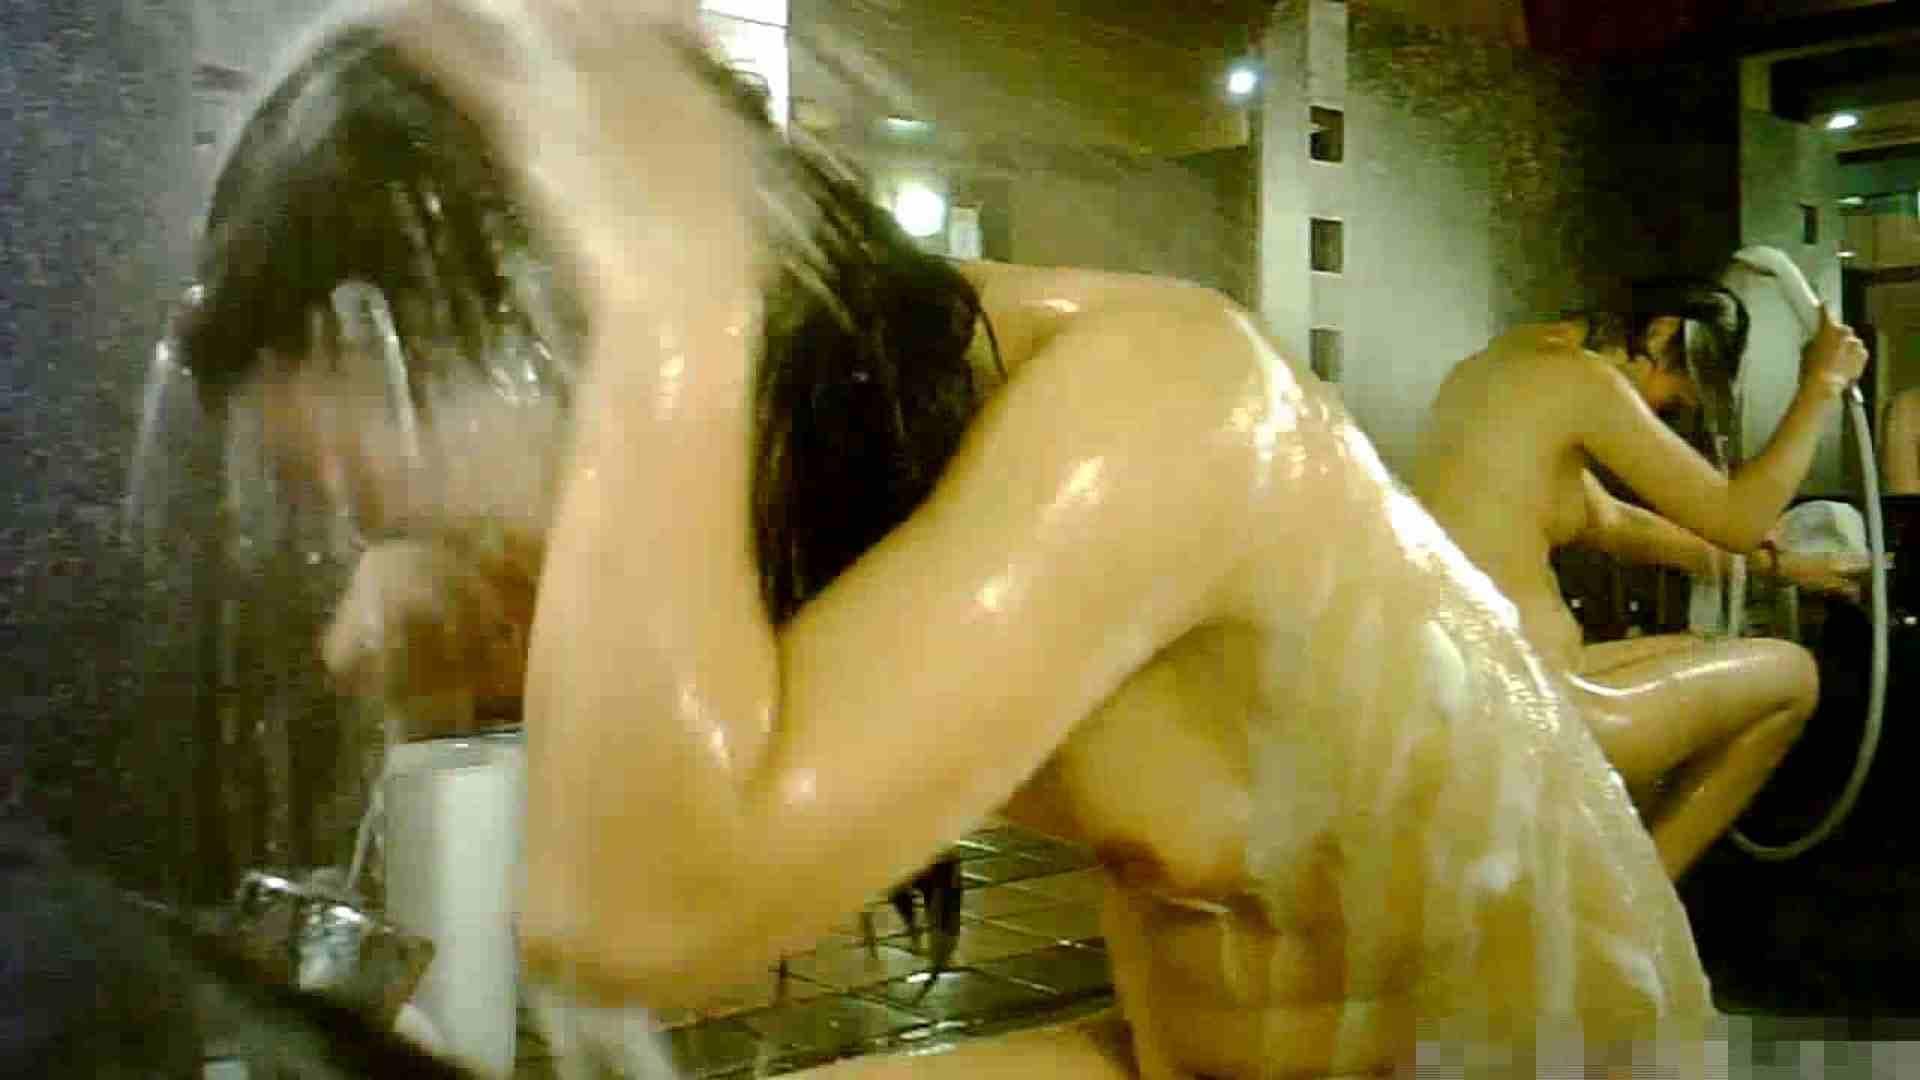 手を染めてしまった女性盗撮師の女風呂潜入記 vol.005 銭湯 覗きおまんこ画像 67画像 48